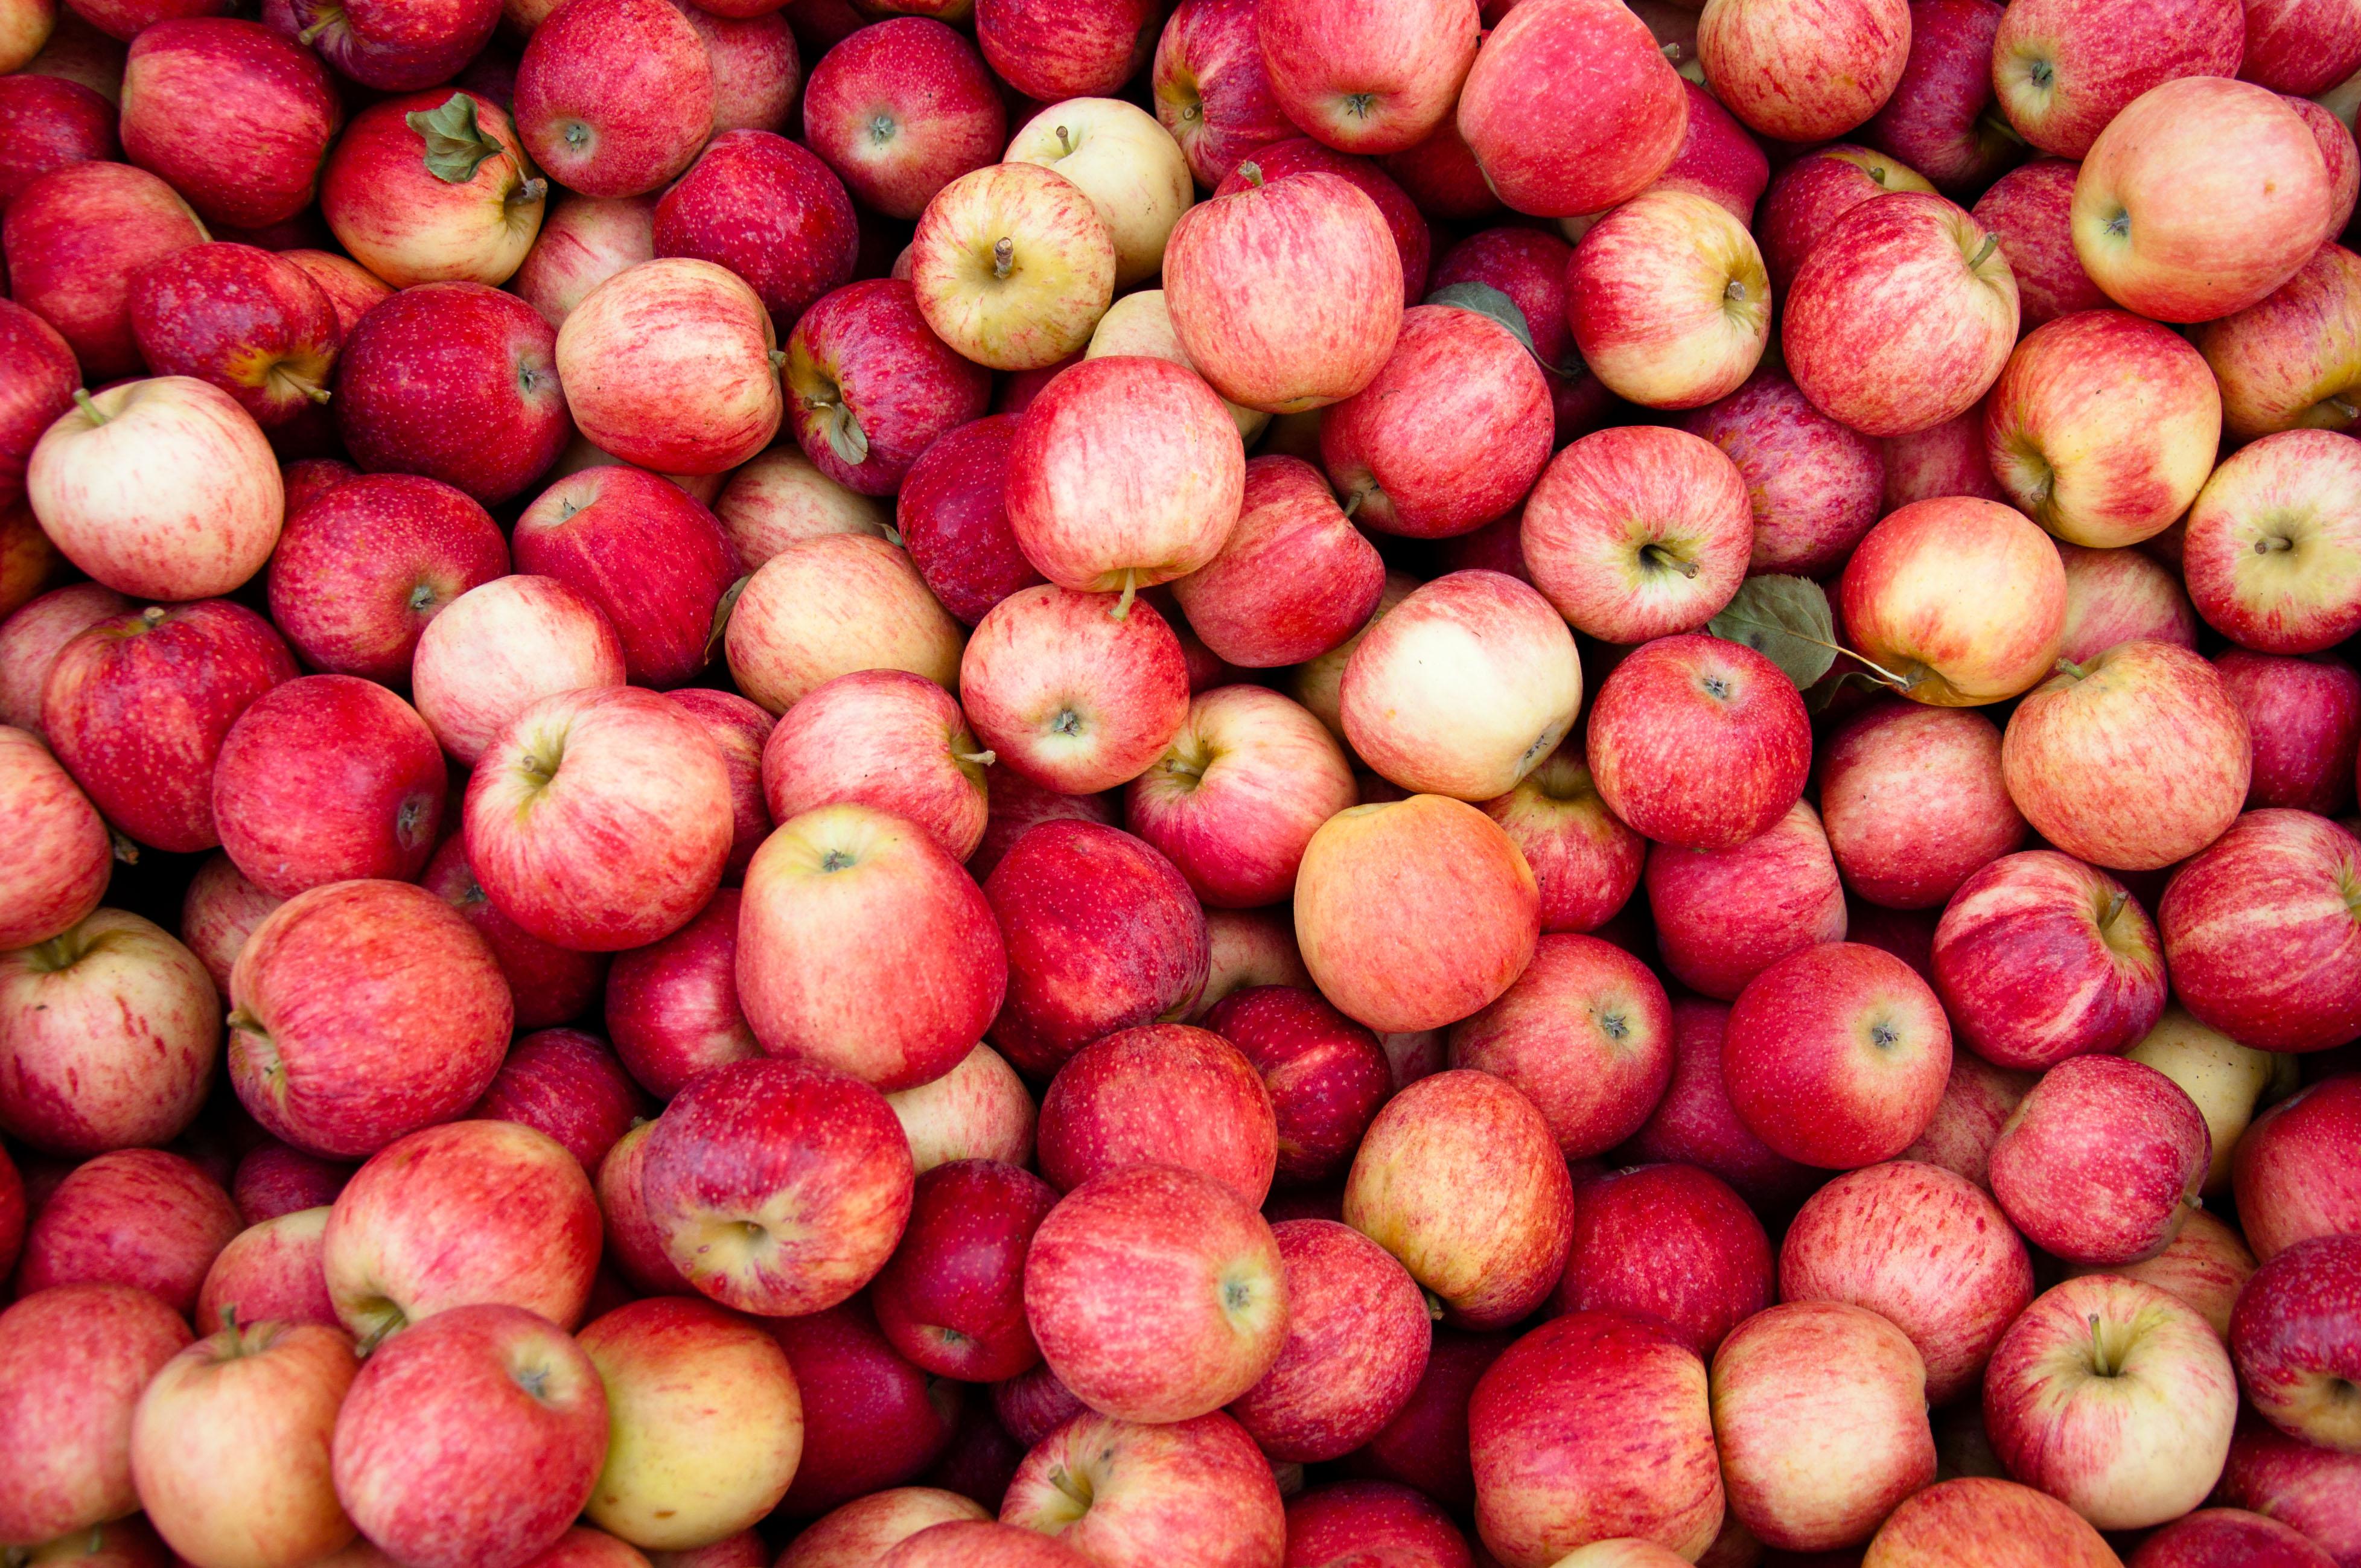 Украинские яблоки оказались лучше польских?